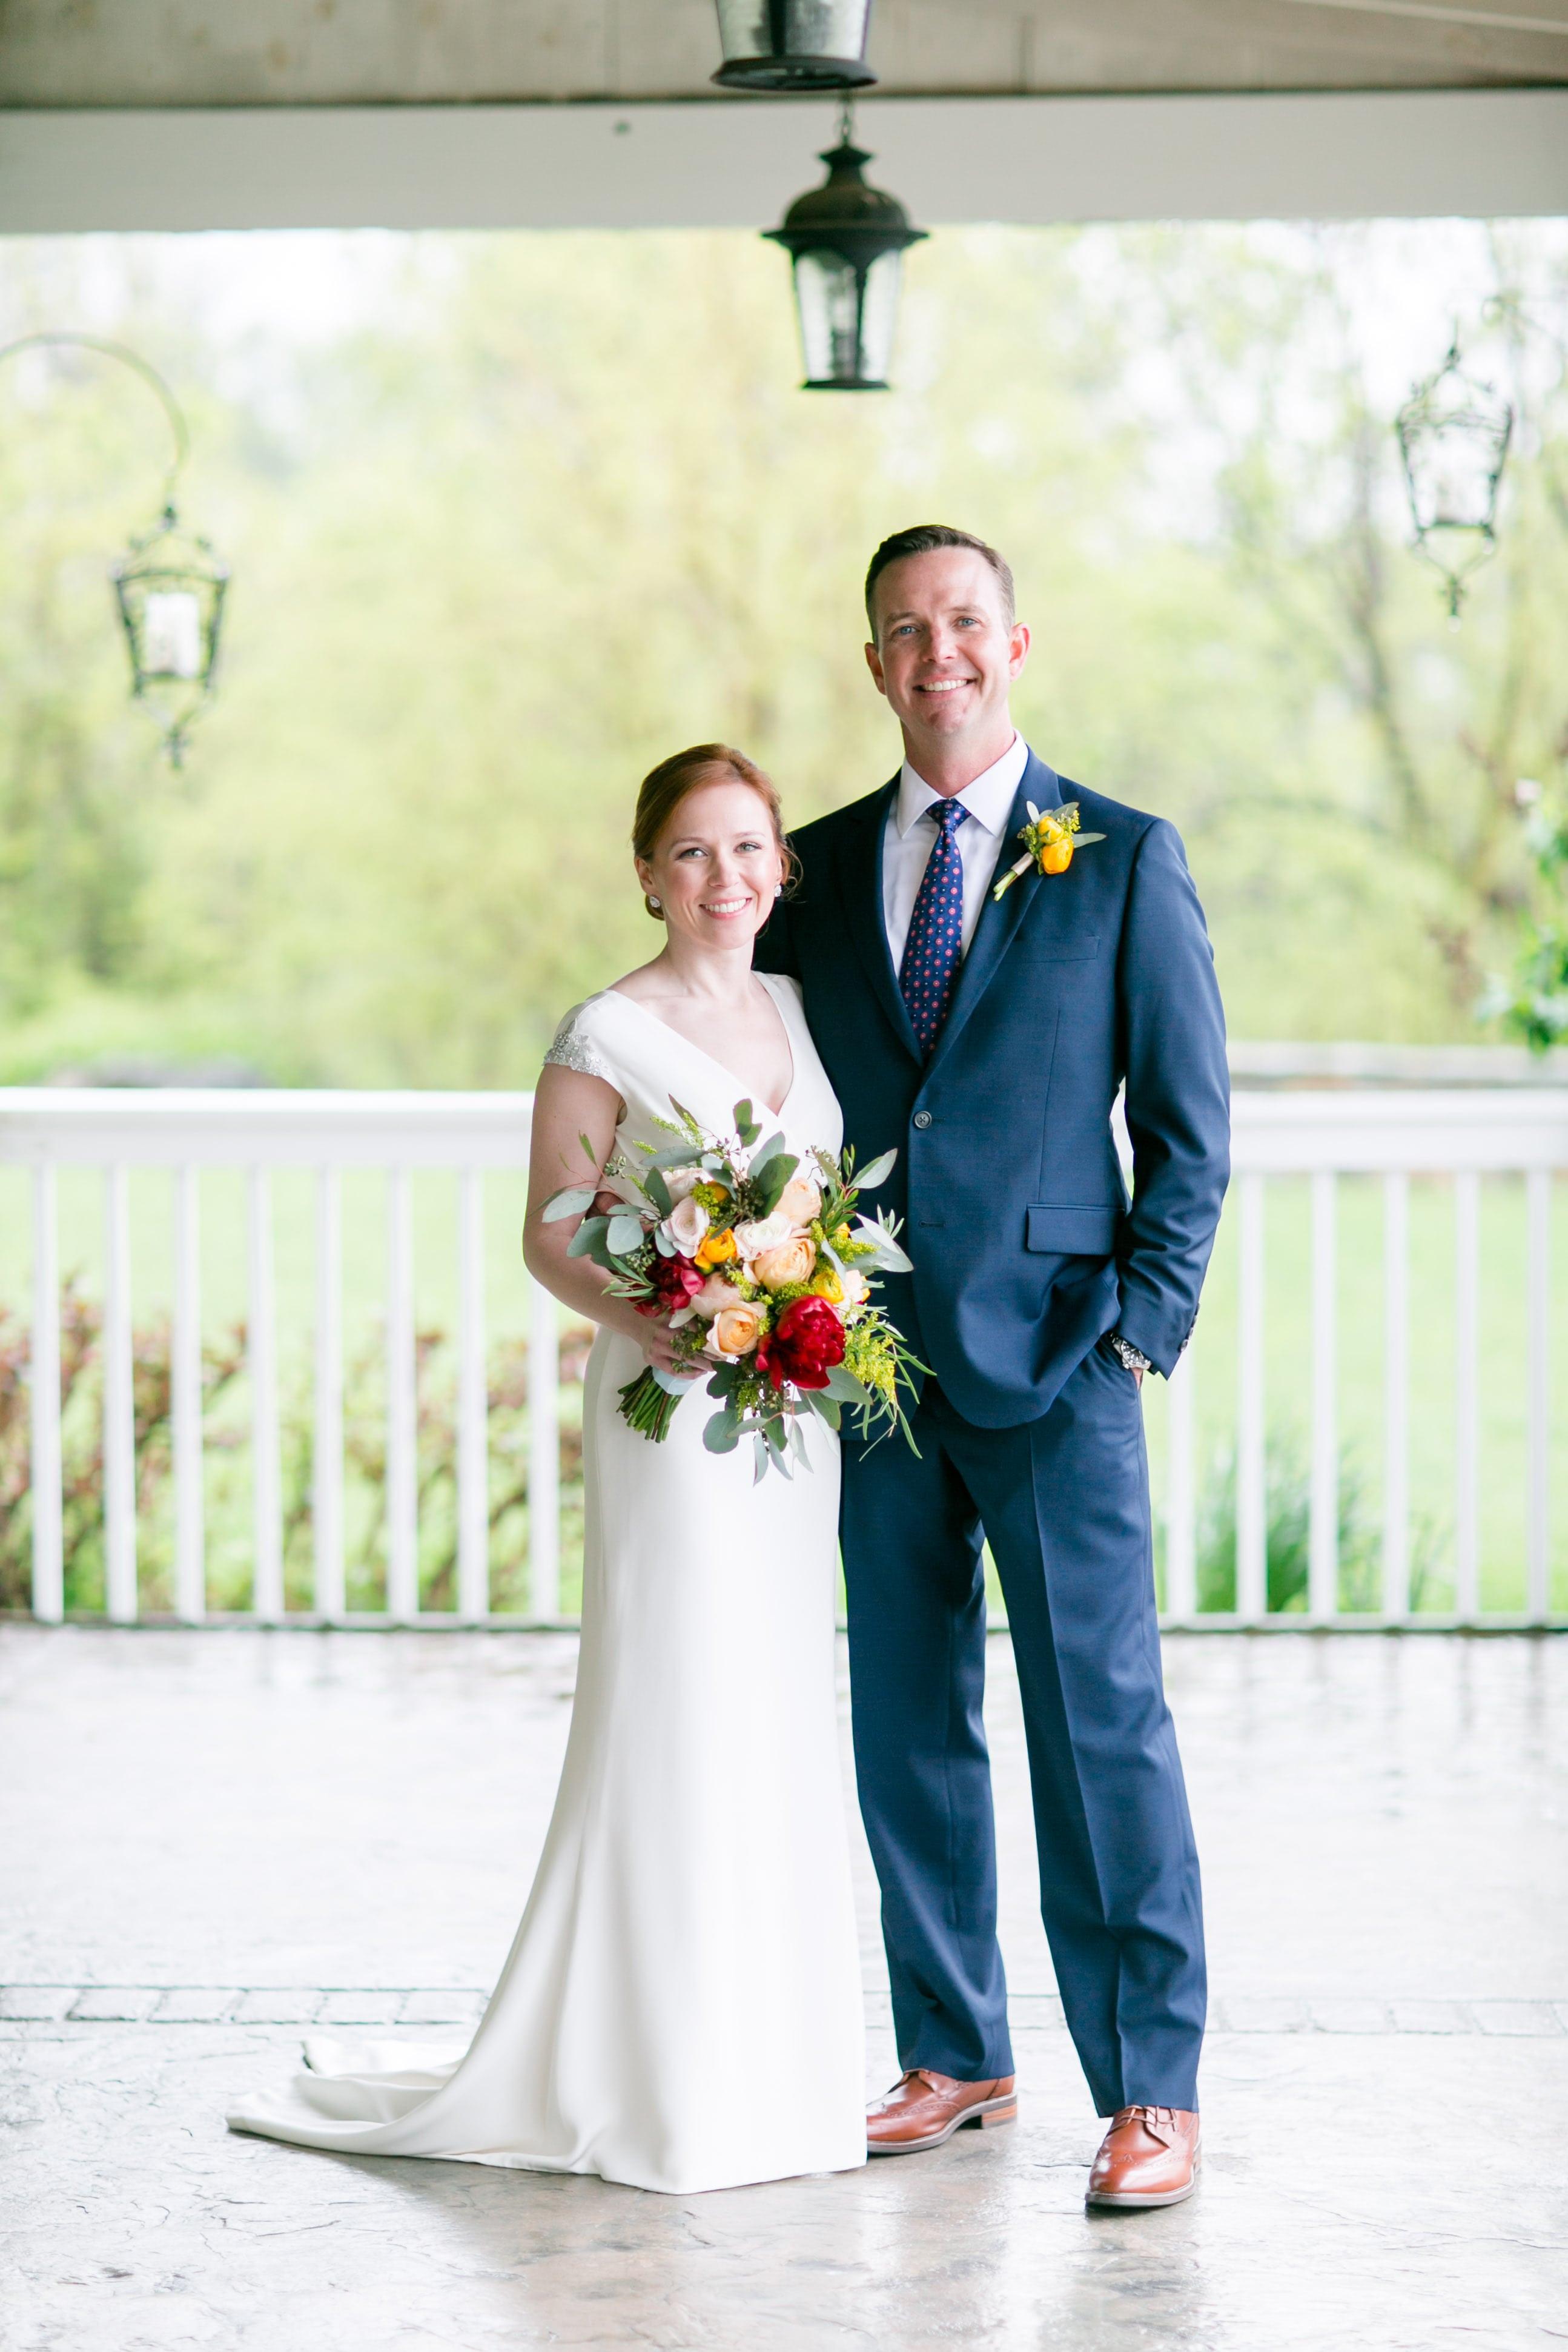 Mr. & Mrs. Schaper-7247